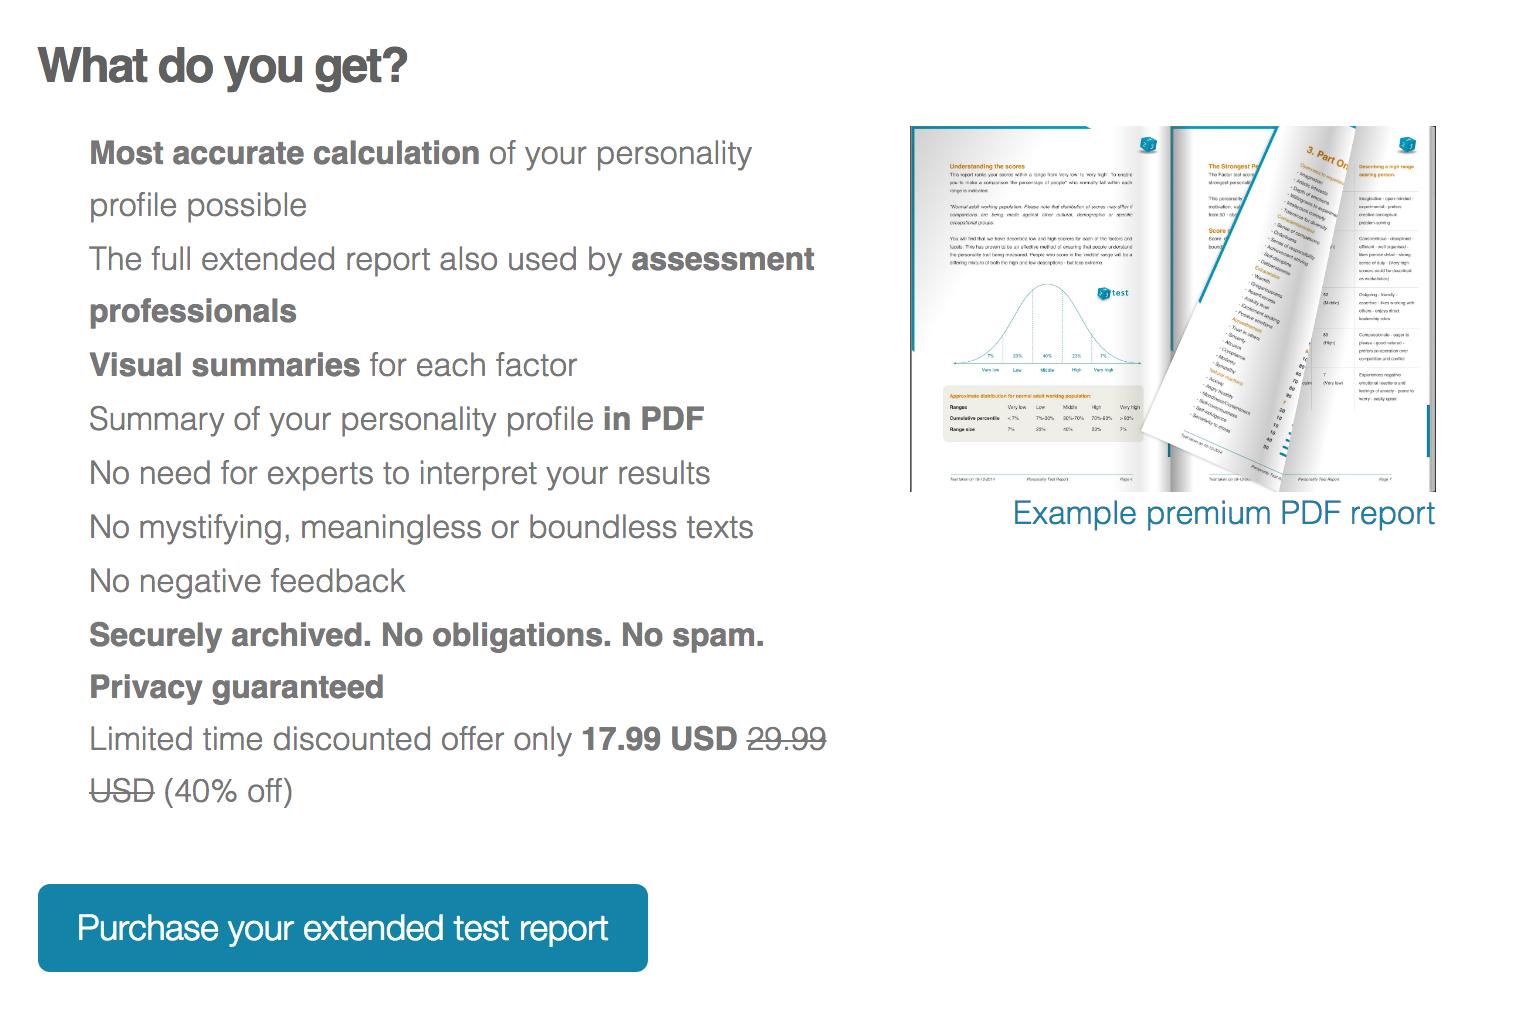 optin offer explaining you can offer full results